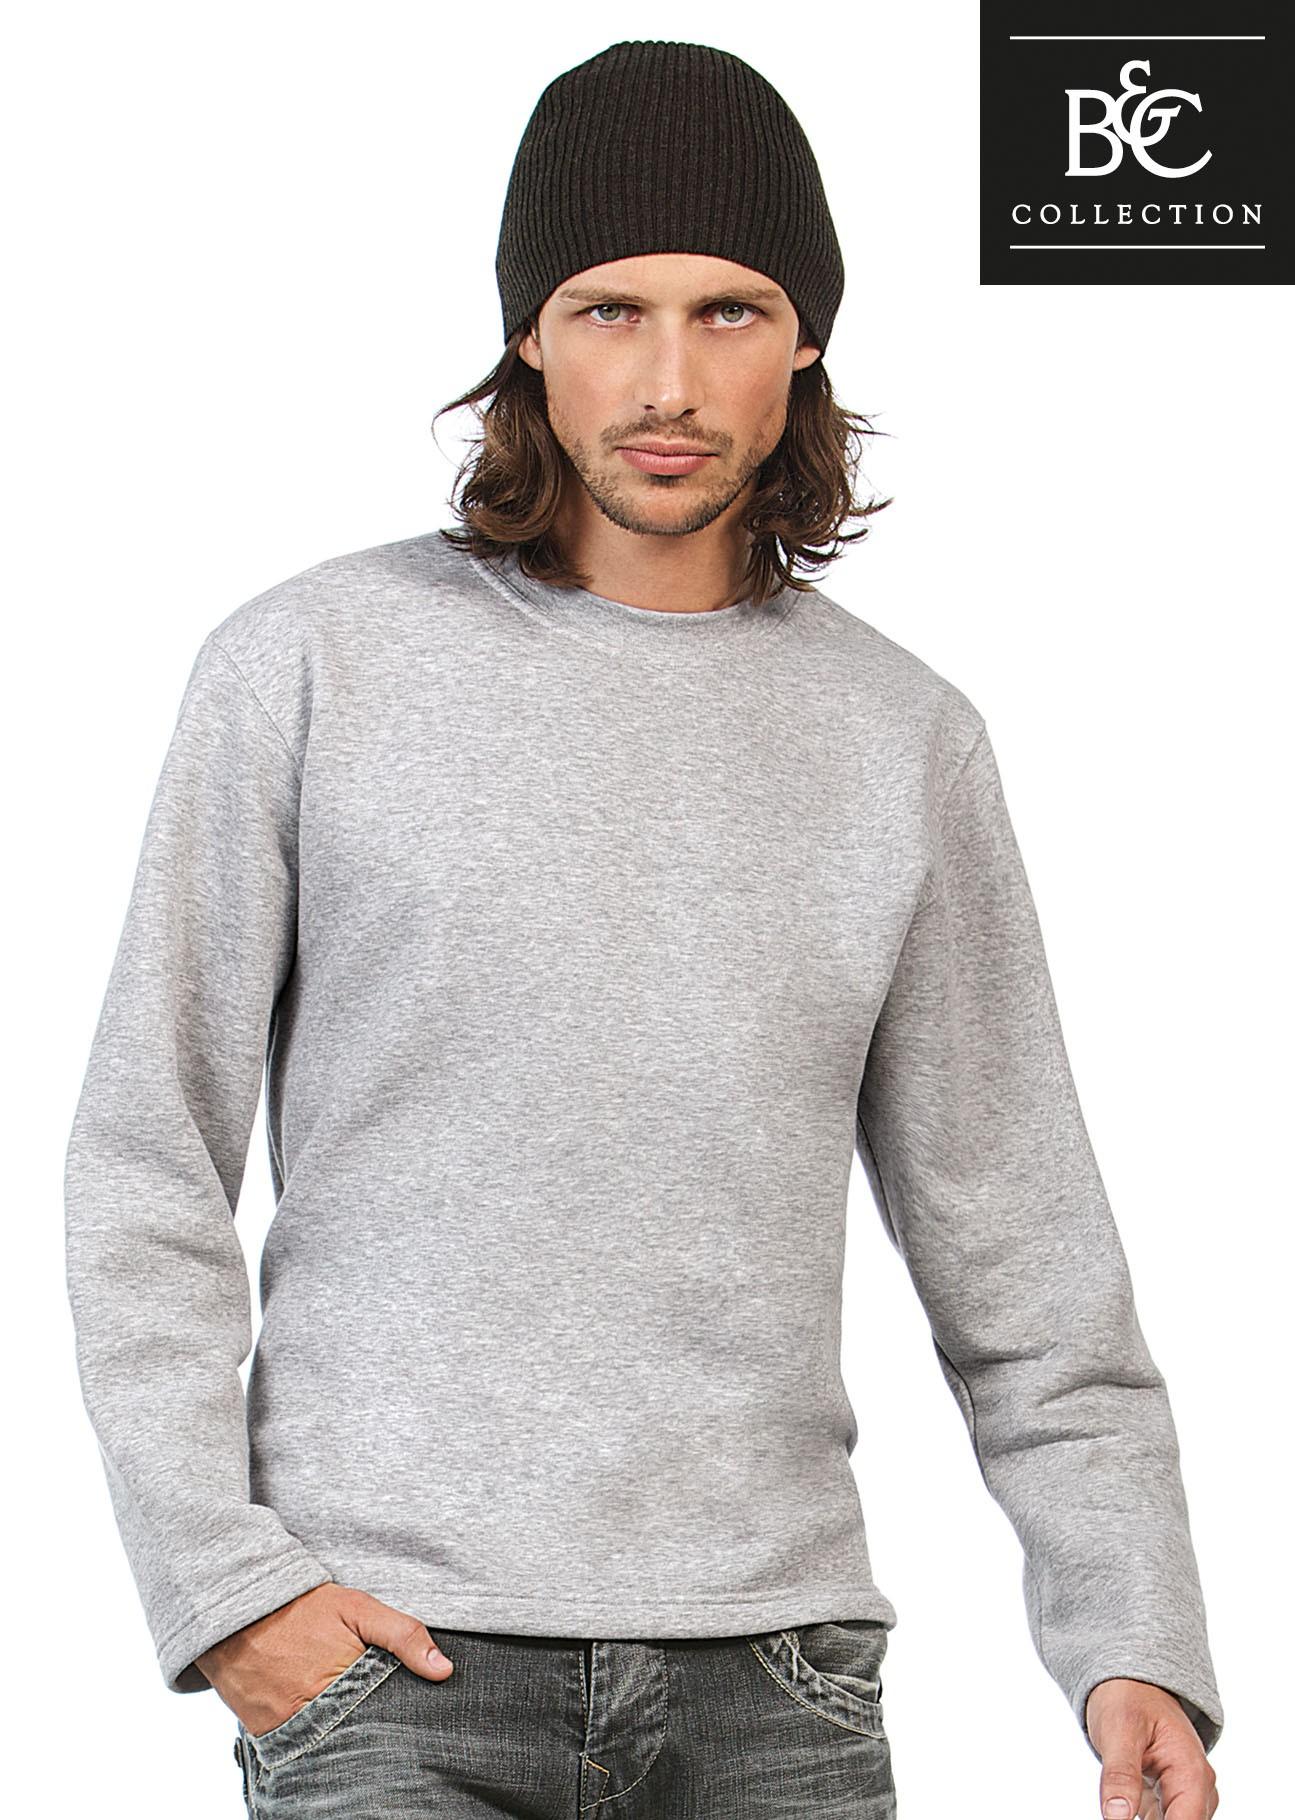 39f0a9040fce28 B&C, Kasten-Sweatshirt Open Hem, günstig bedrucken « Merkur Werbemittel